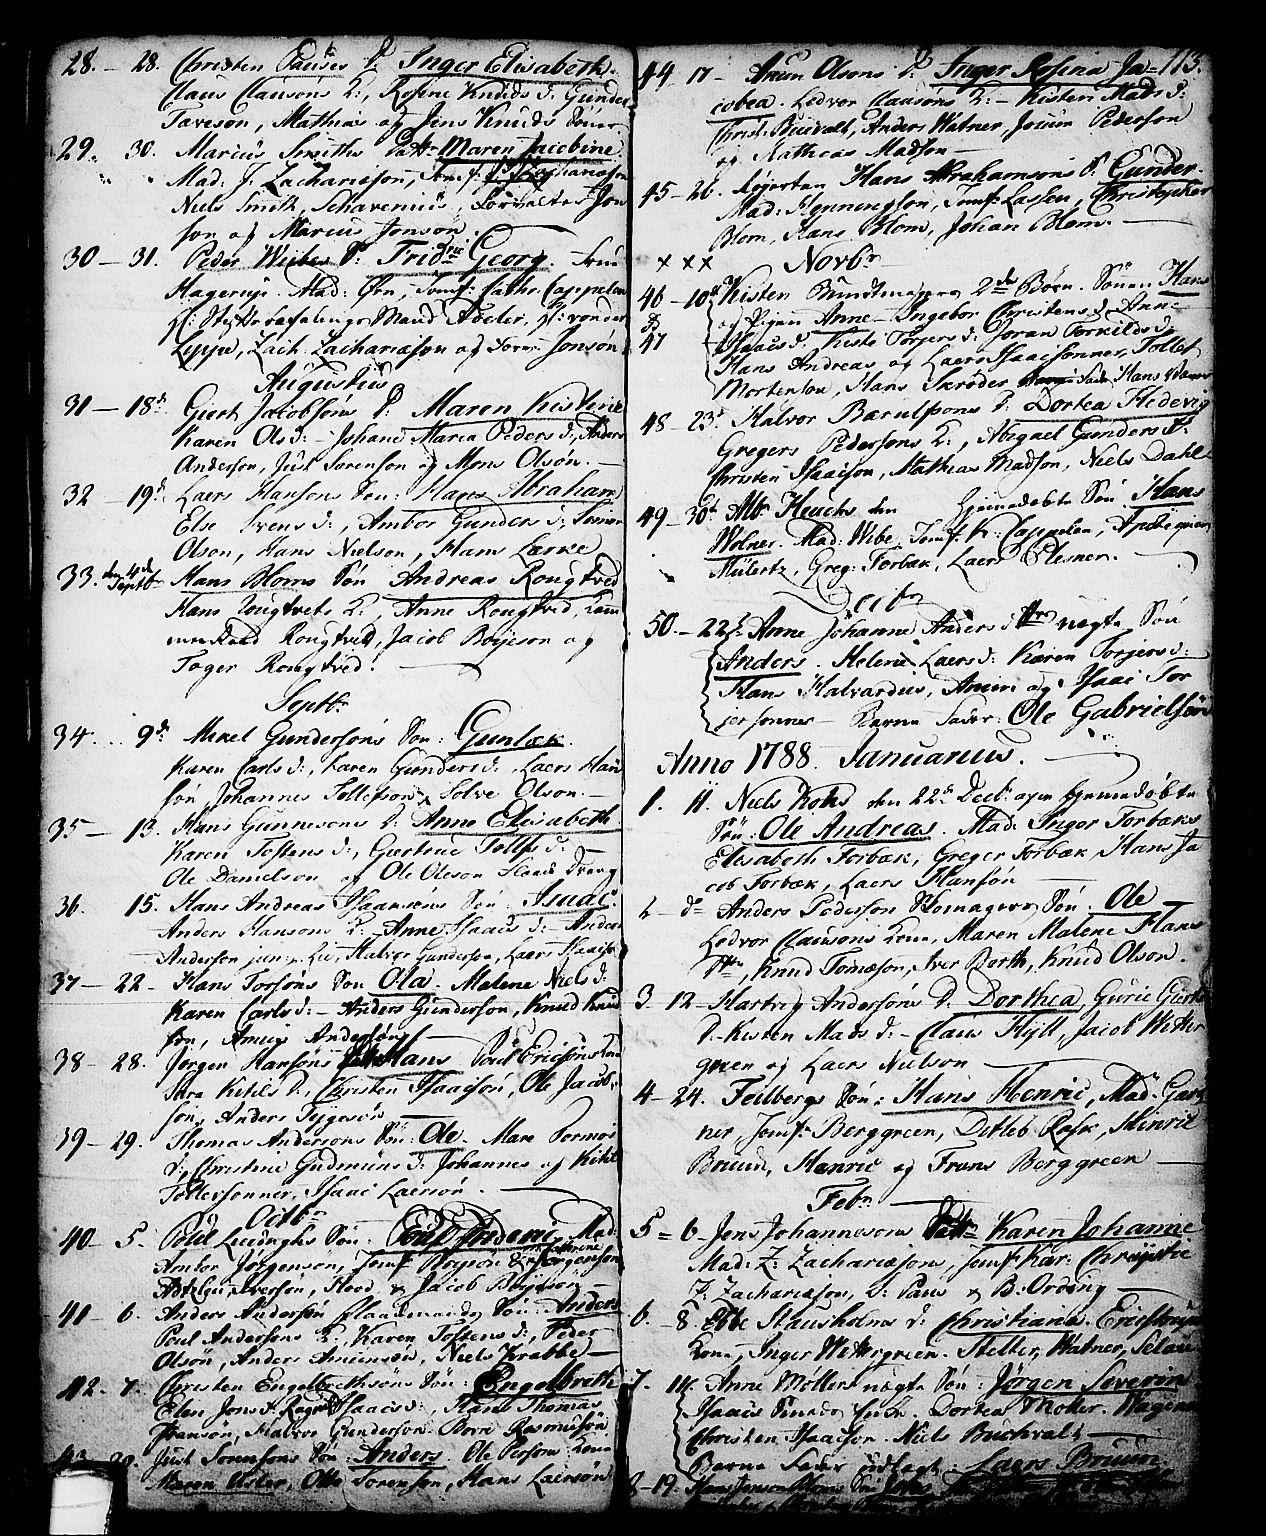 SAKO, Skien kirkebøker, G/Ga/L0001: Klokkerbok nr. 1, 1756-1791, s. 113